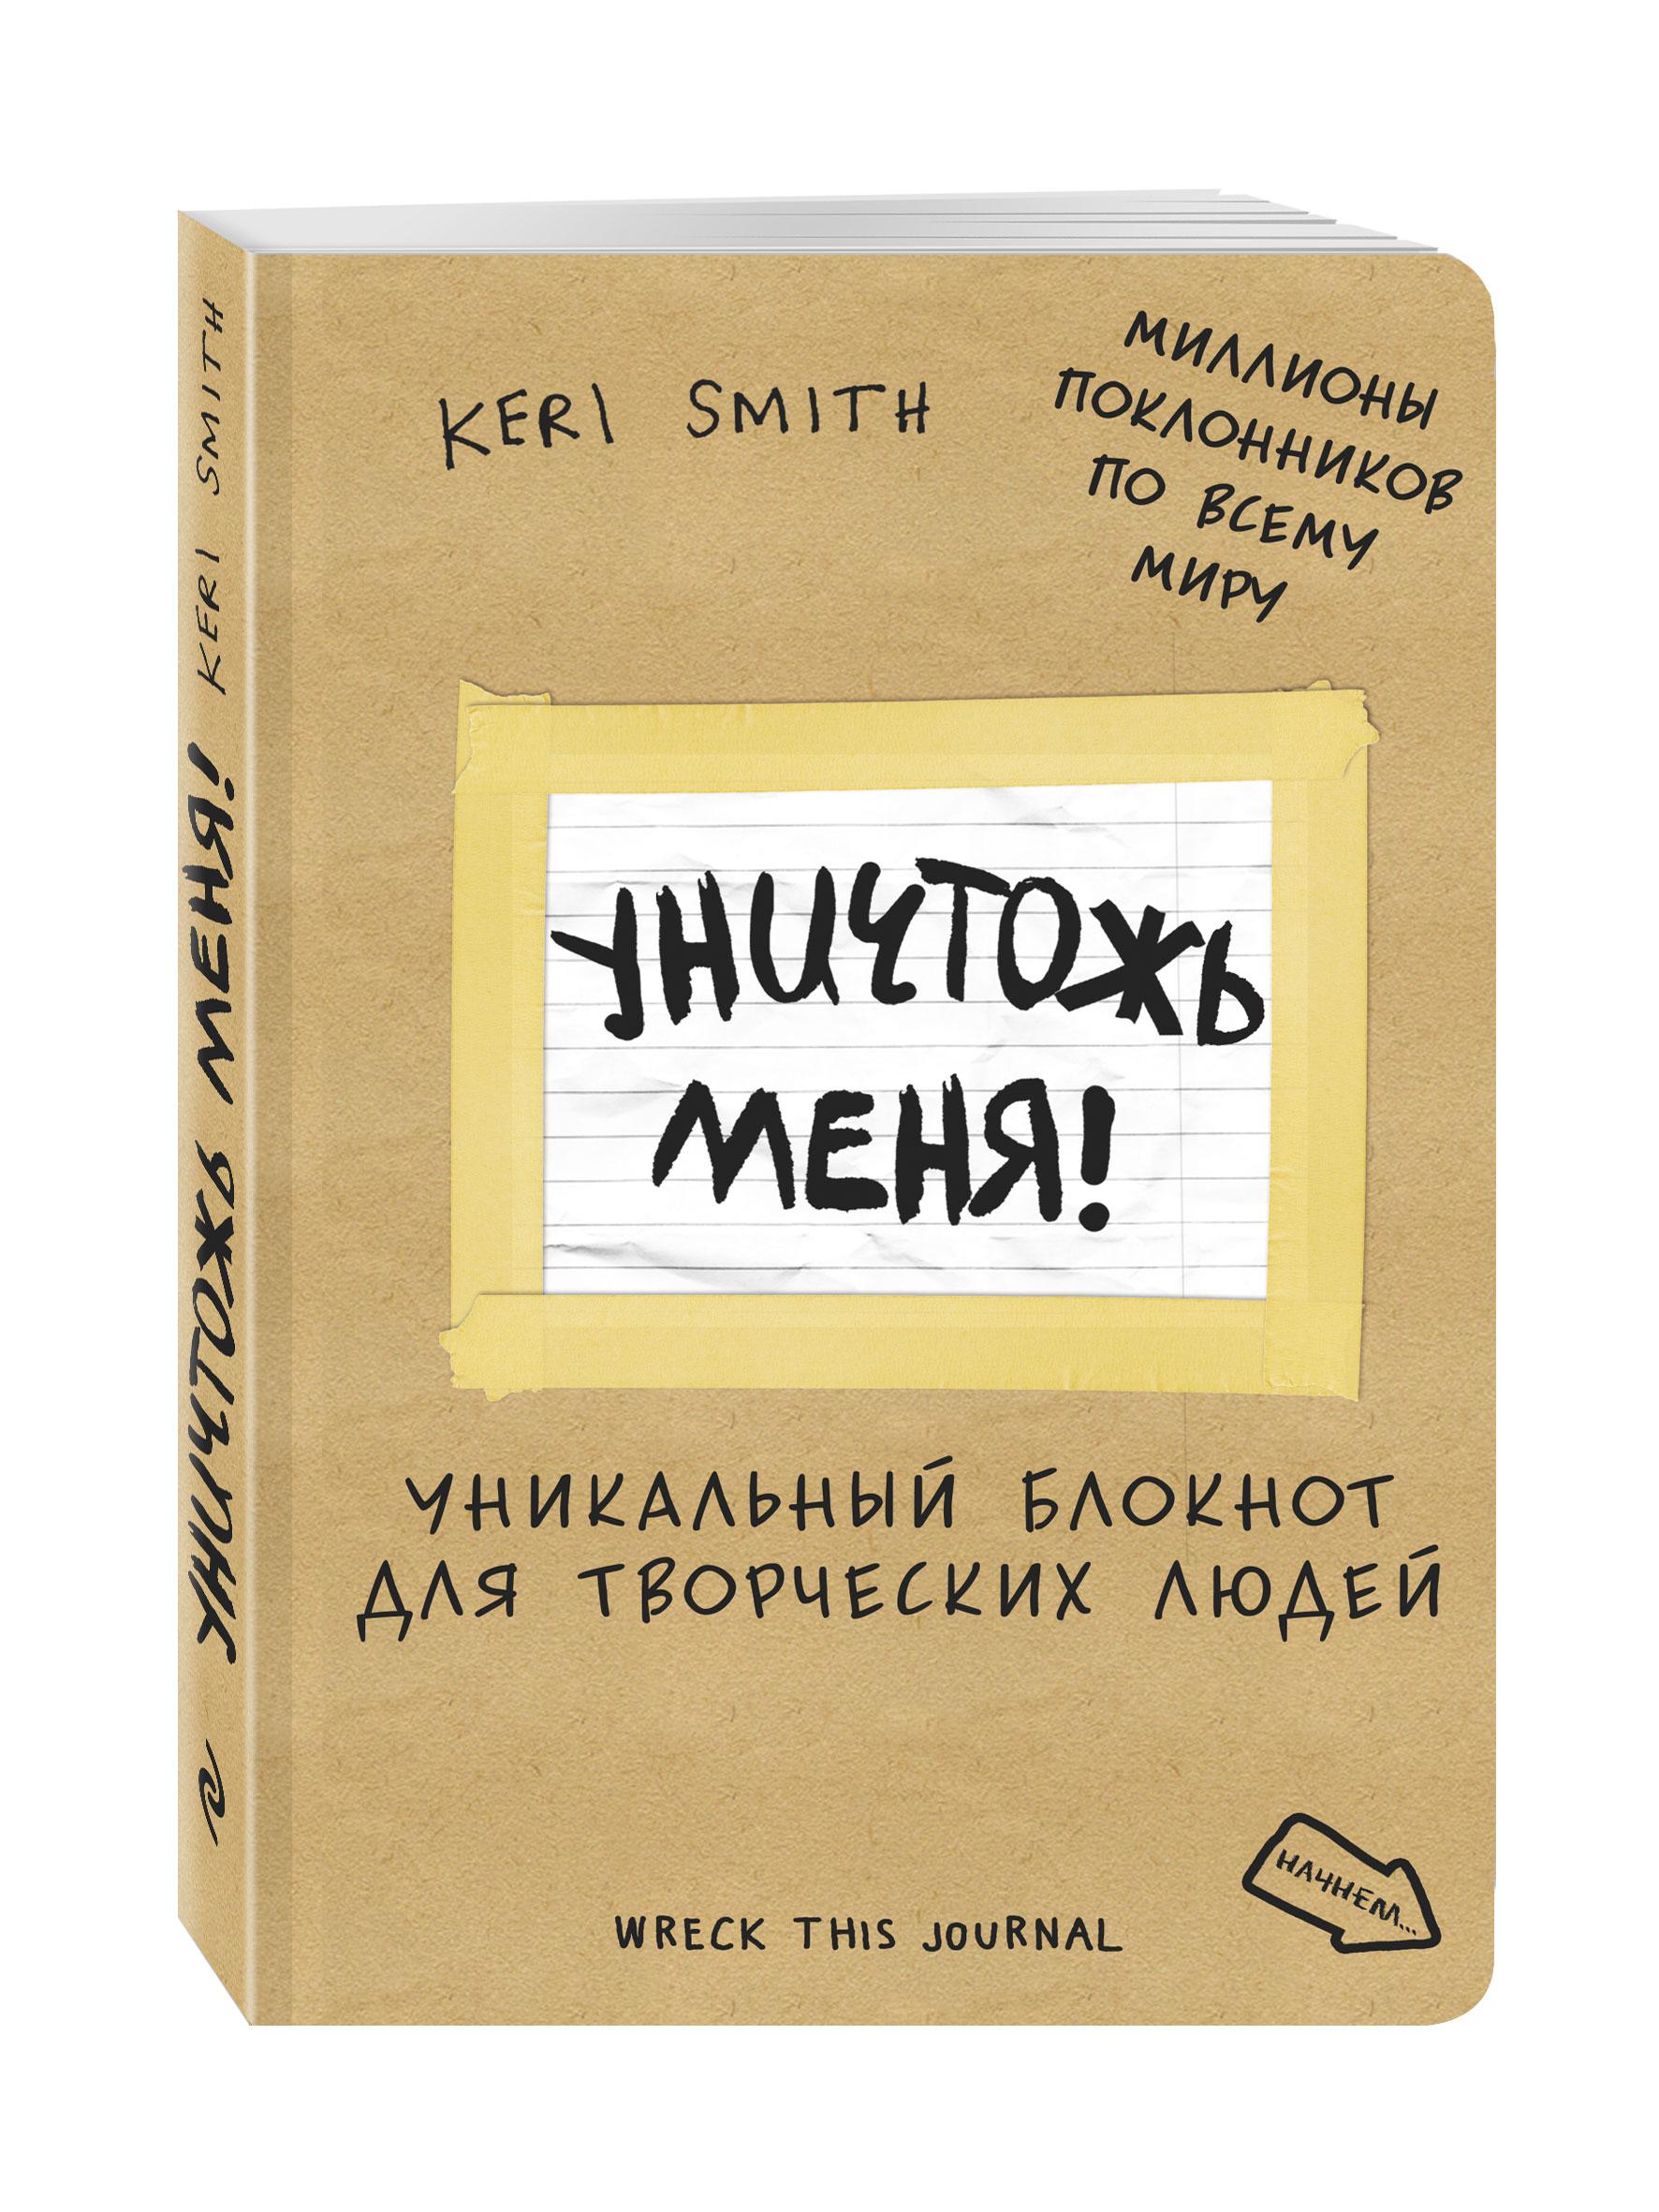 Кери Смит Уничтожь меня! Уникальный блокнот для творческих людей (лимитированная крафтовая обложка, русское название)